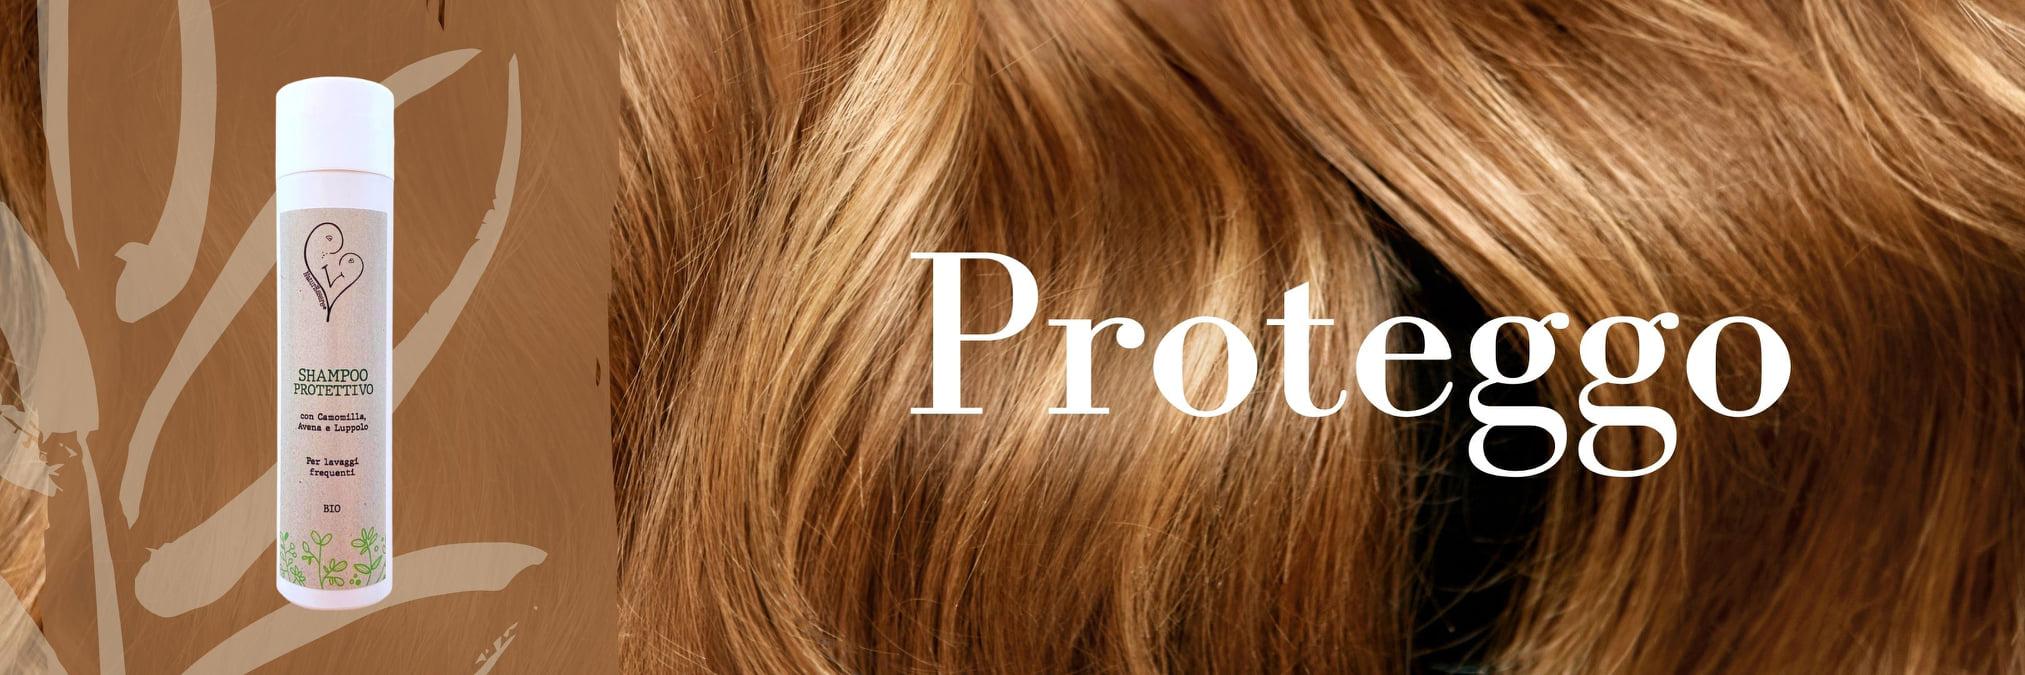 shampoo protettivo ecobio naturessere